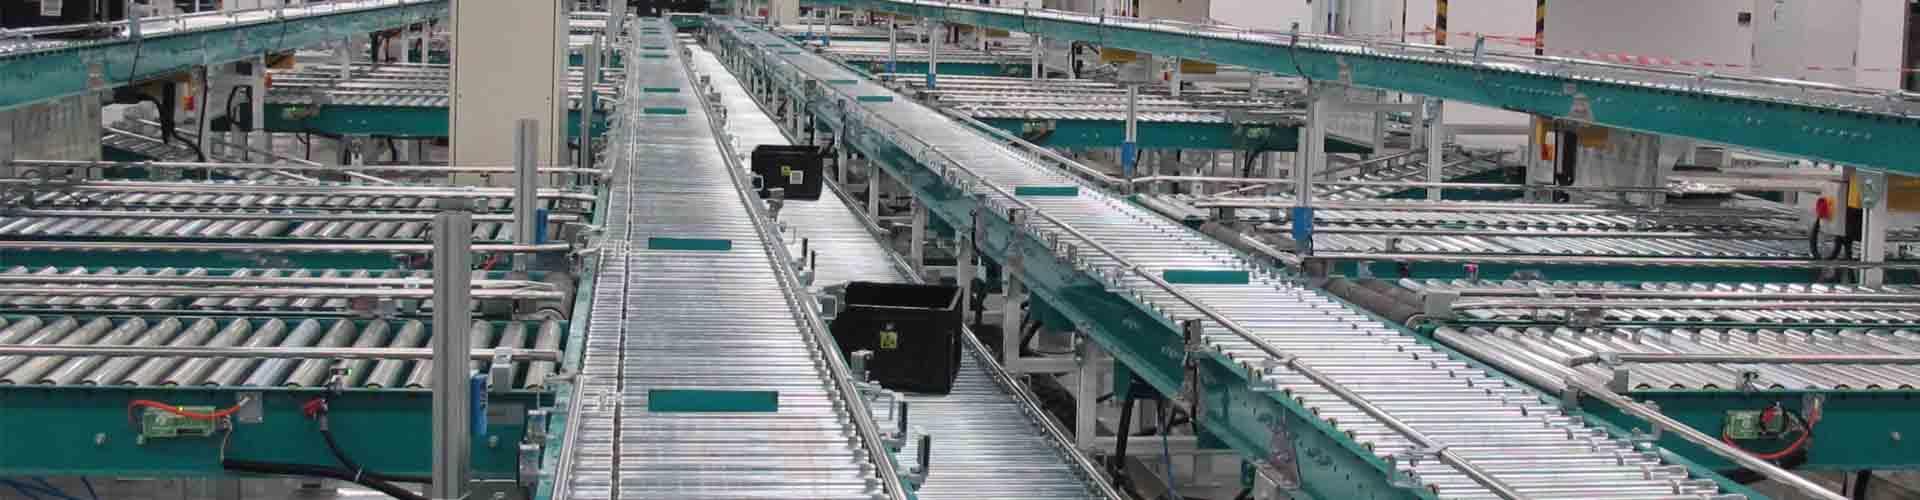 2280 Series Timing Belt Pulley Conveyor Roller